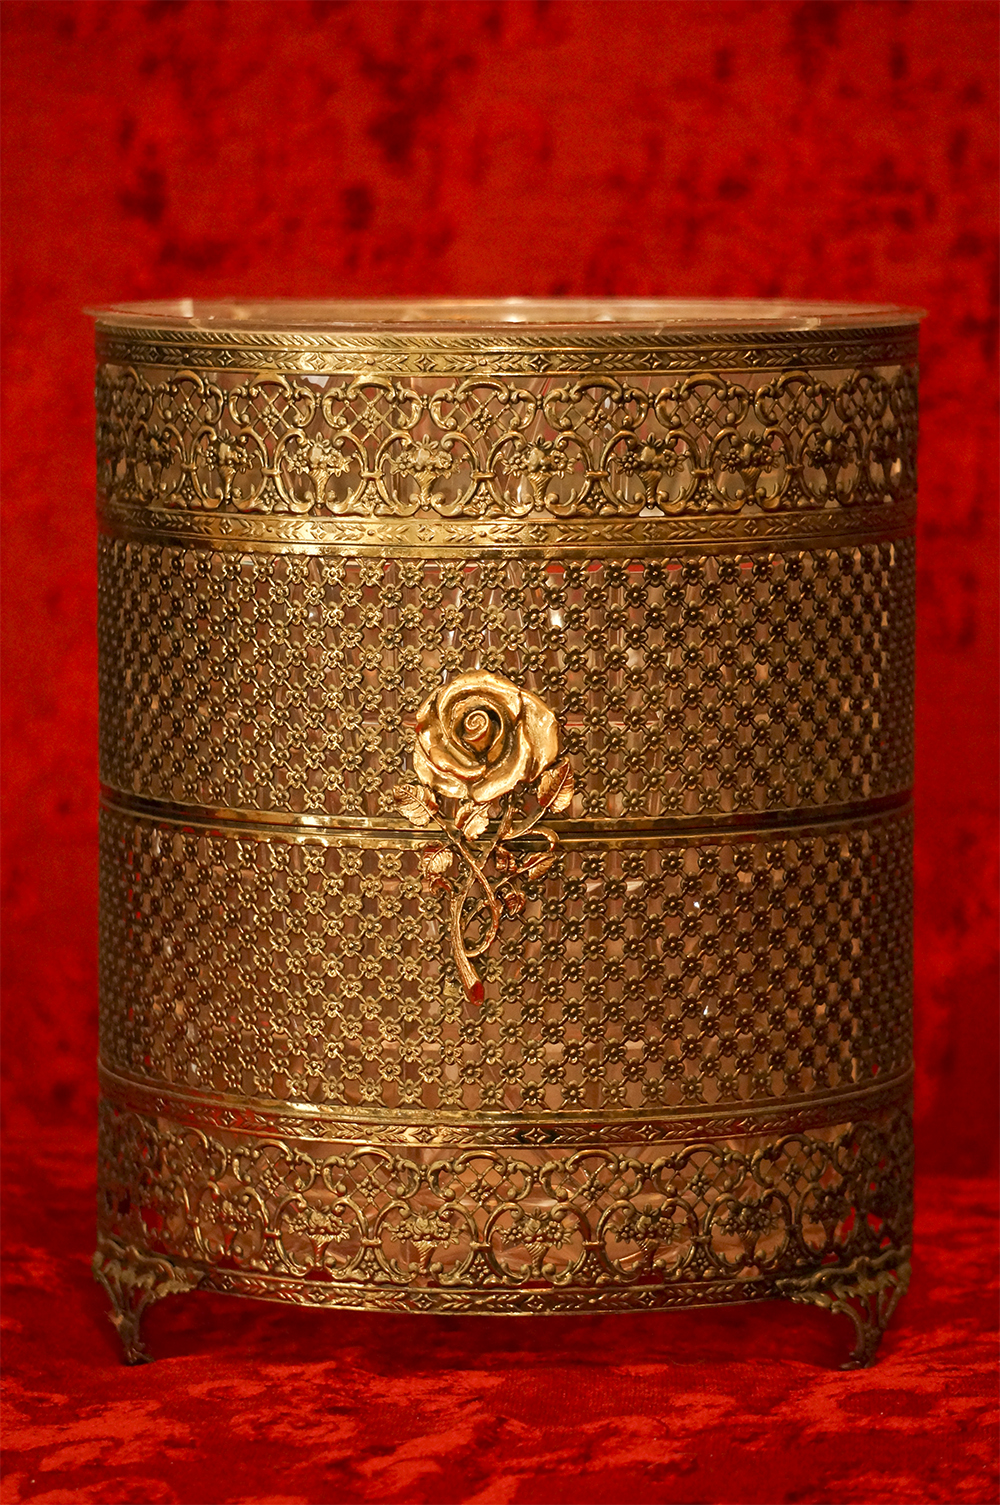 マトソン製 ゴールド ローズ ゴミ箱